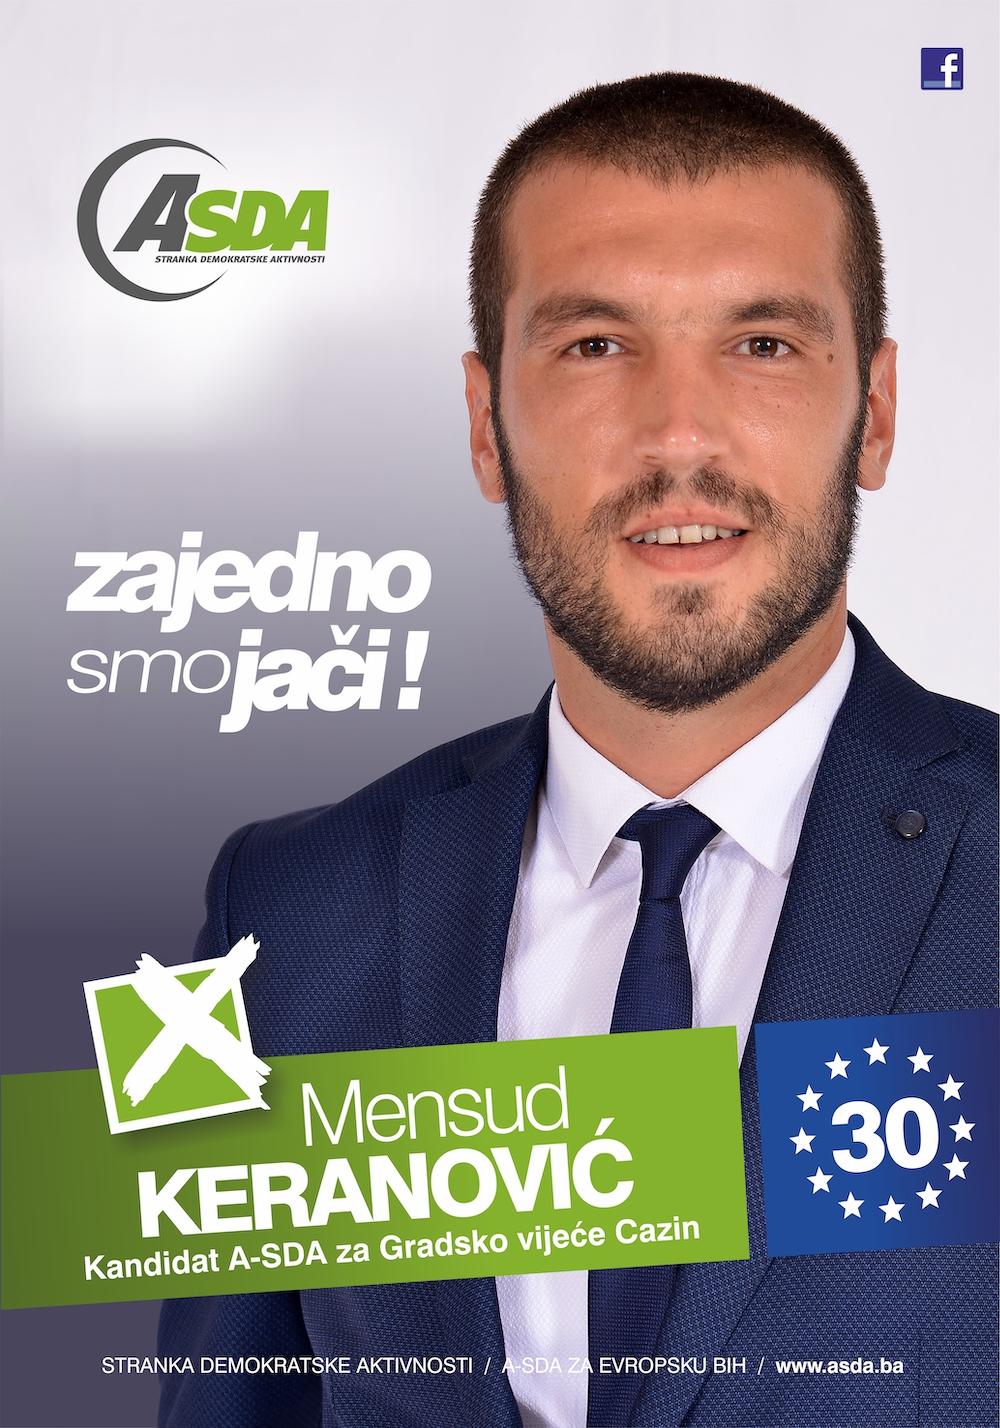 Mensud Keranović